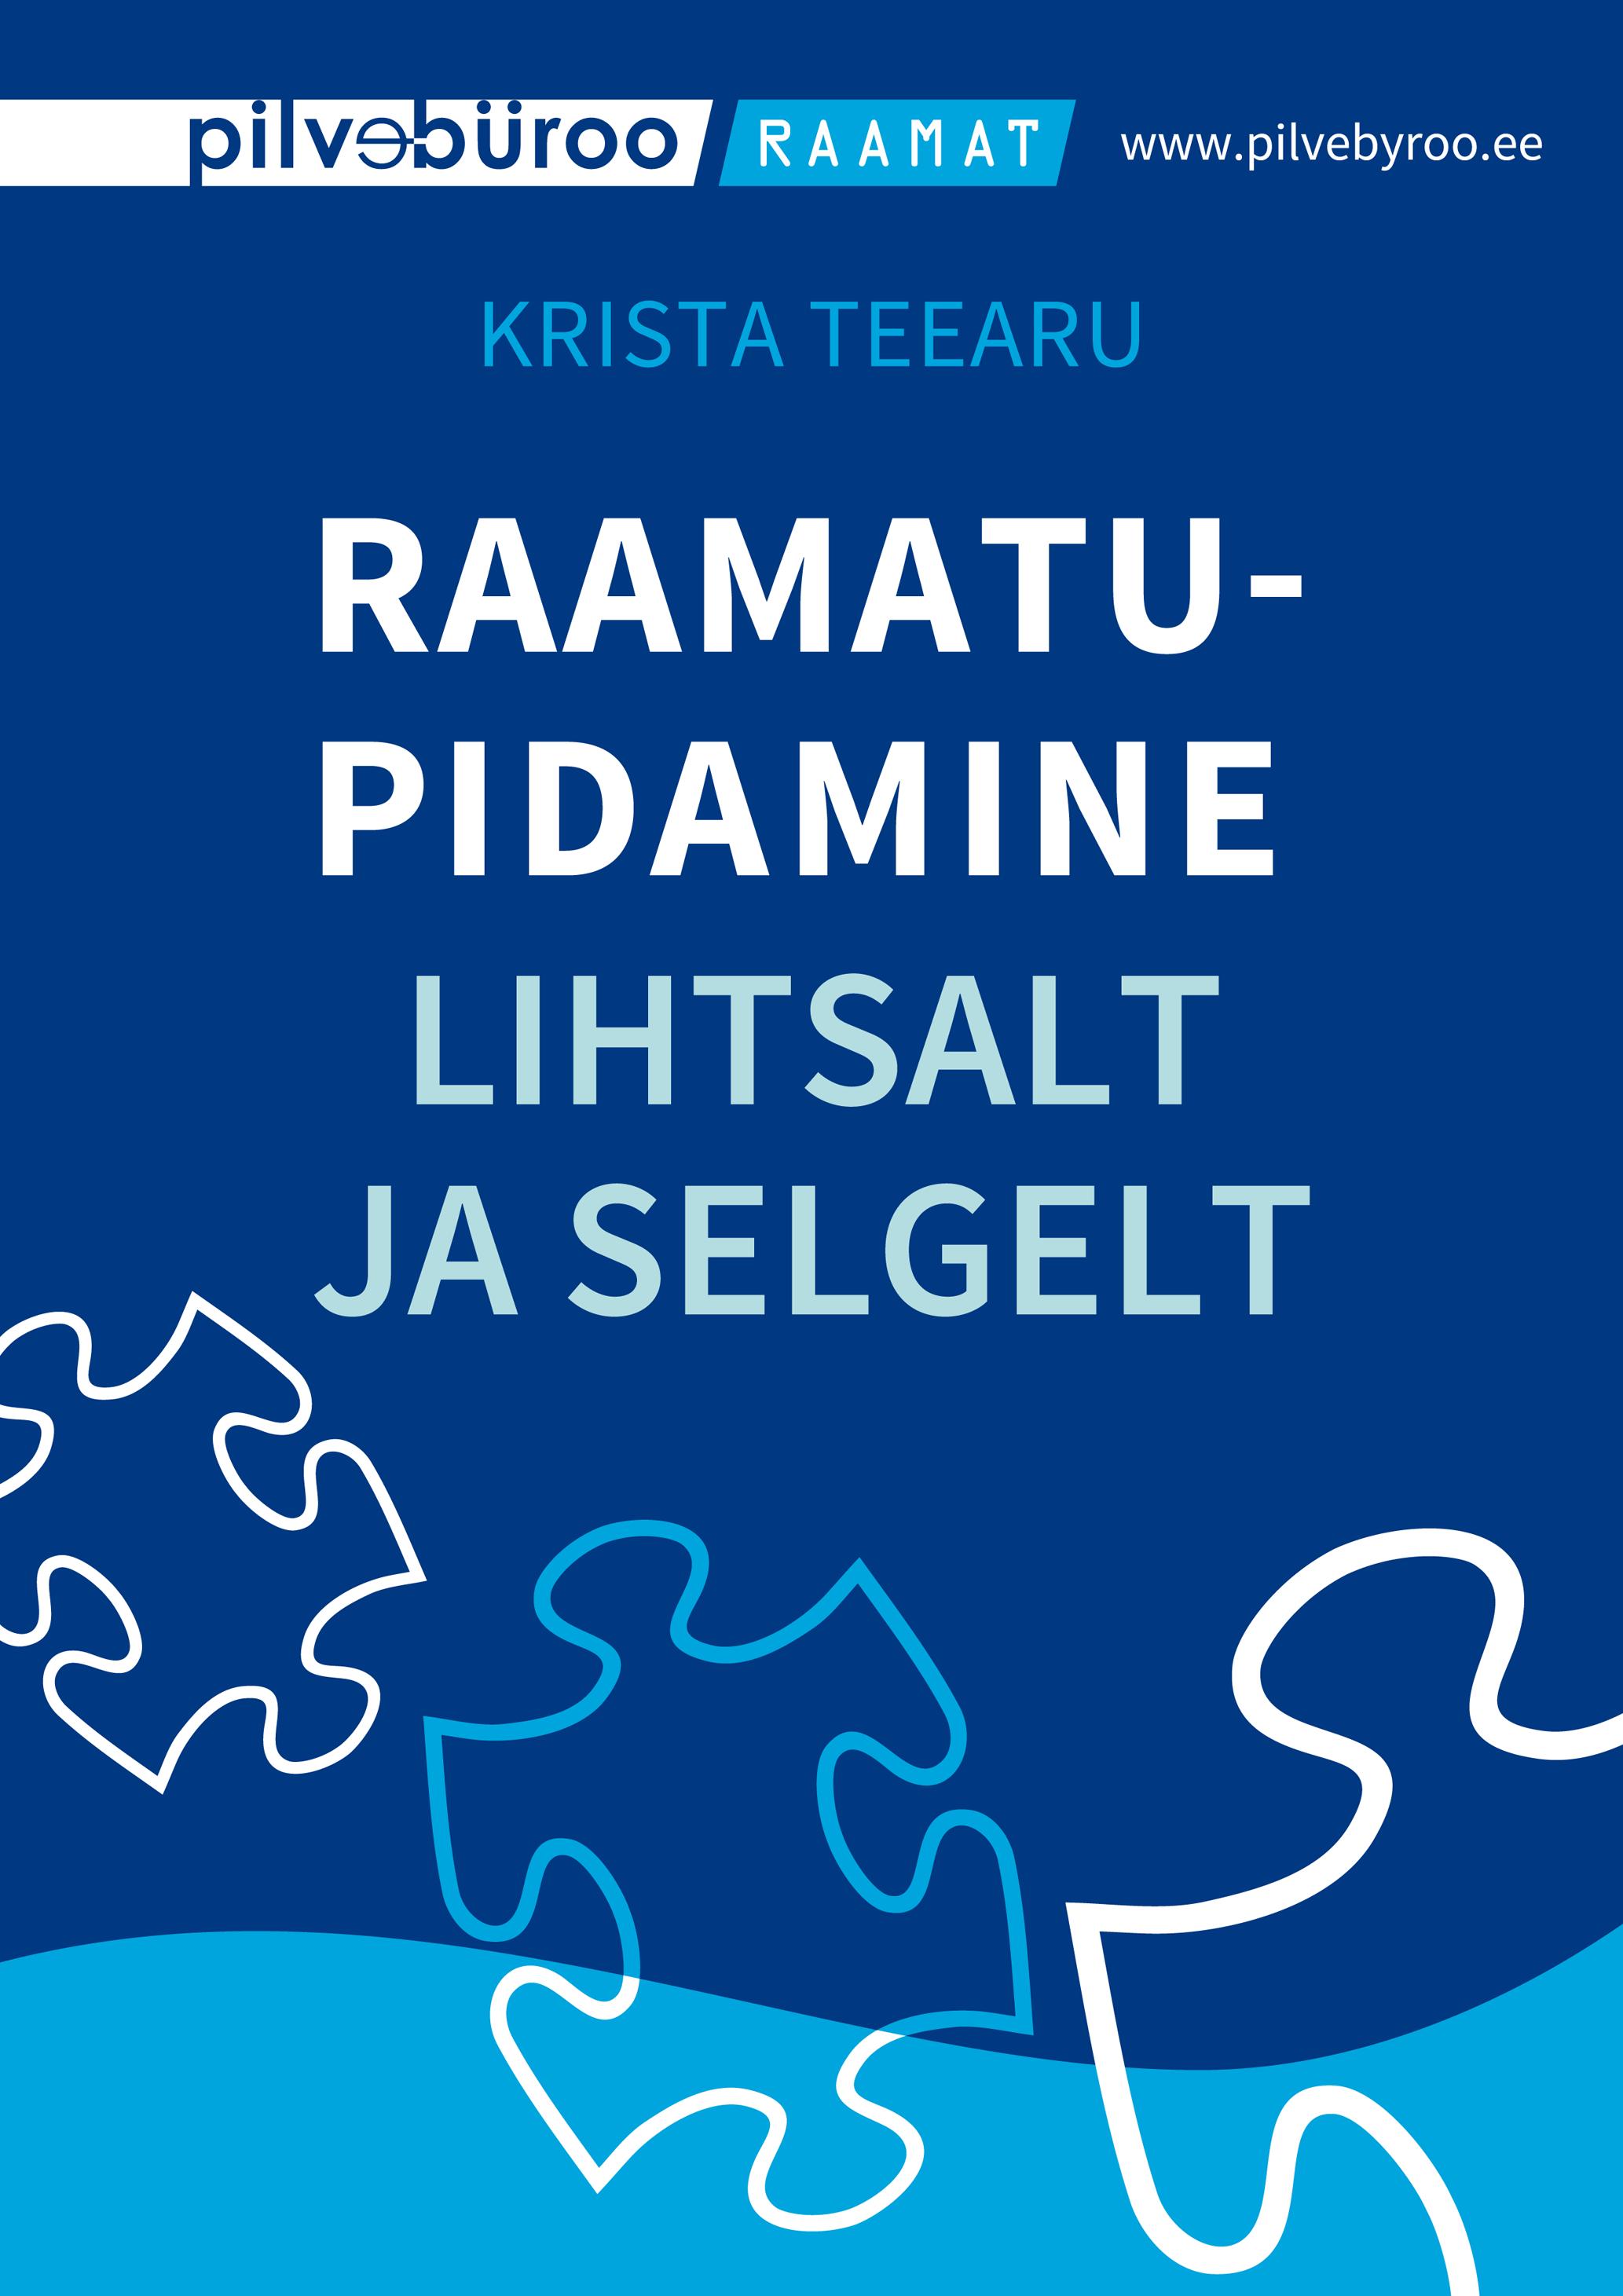 Обложка книги Raamatupidamine lihtsalt ja selgelt